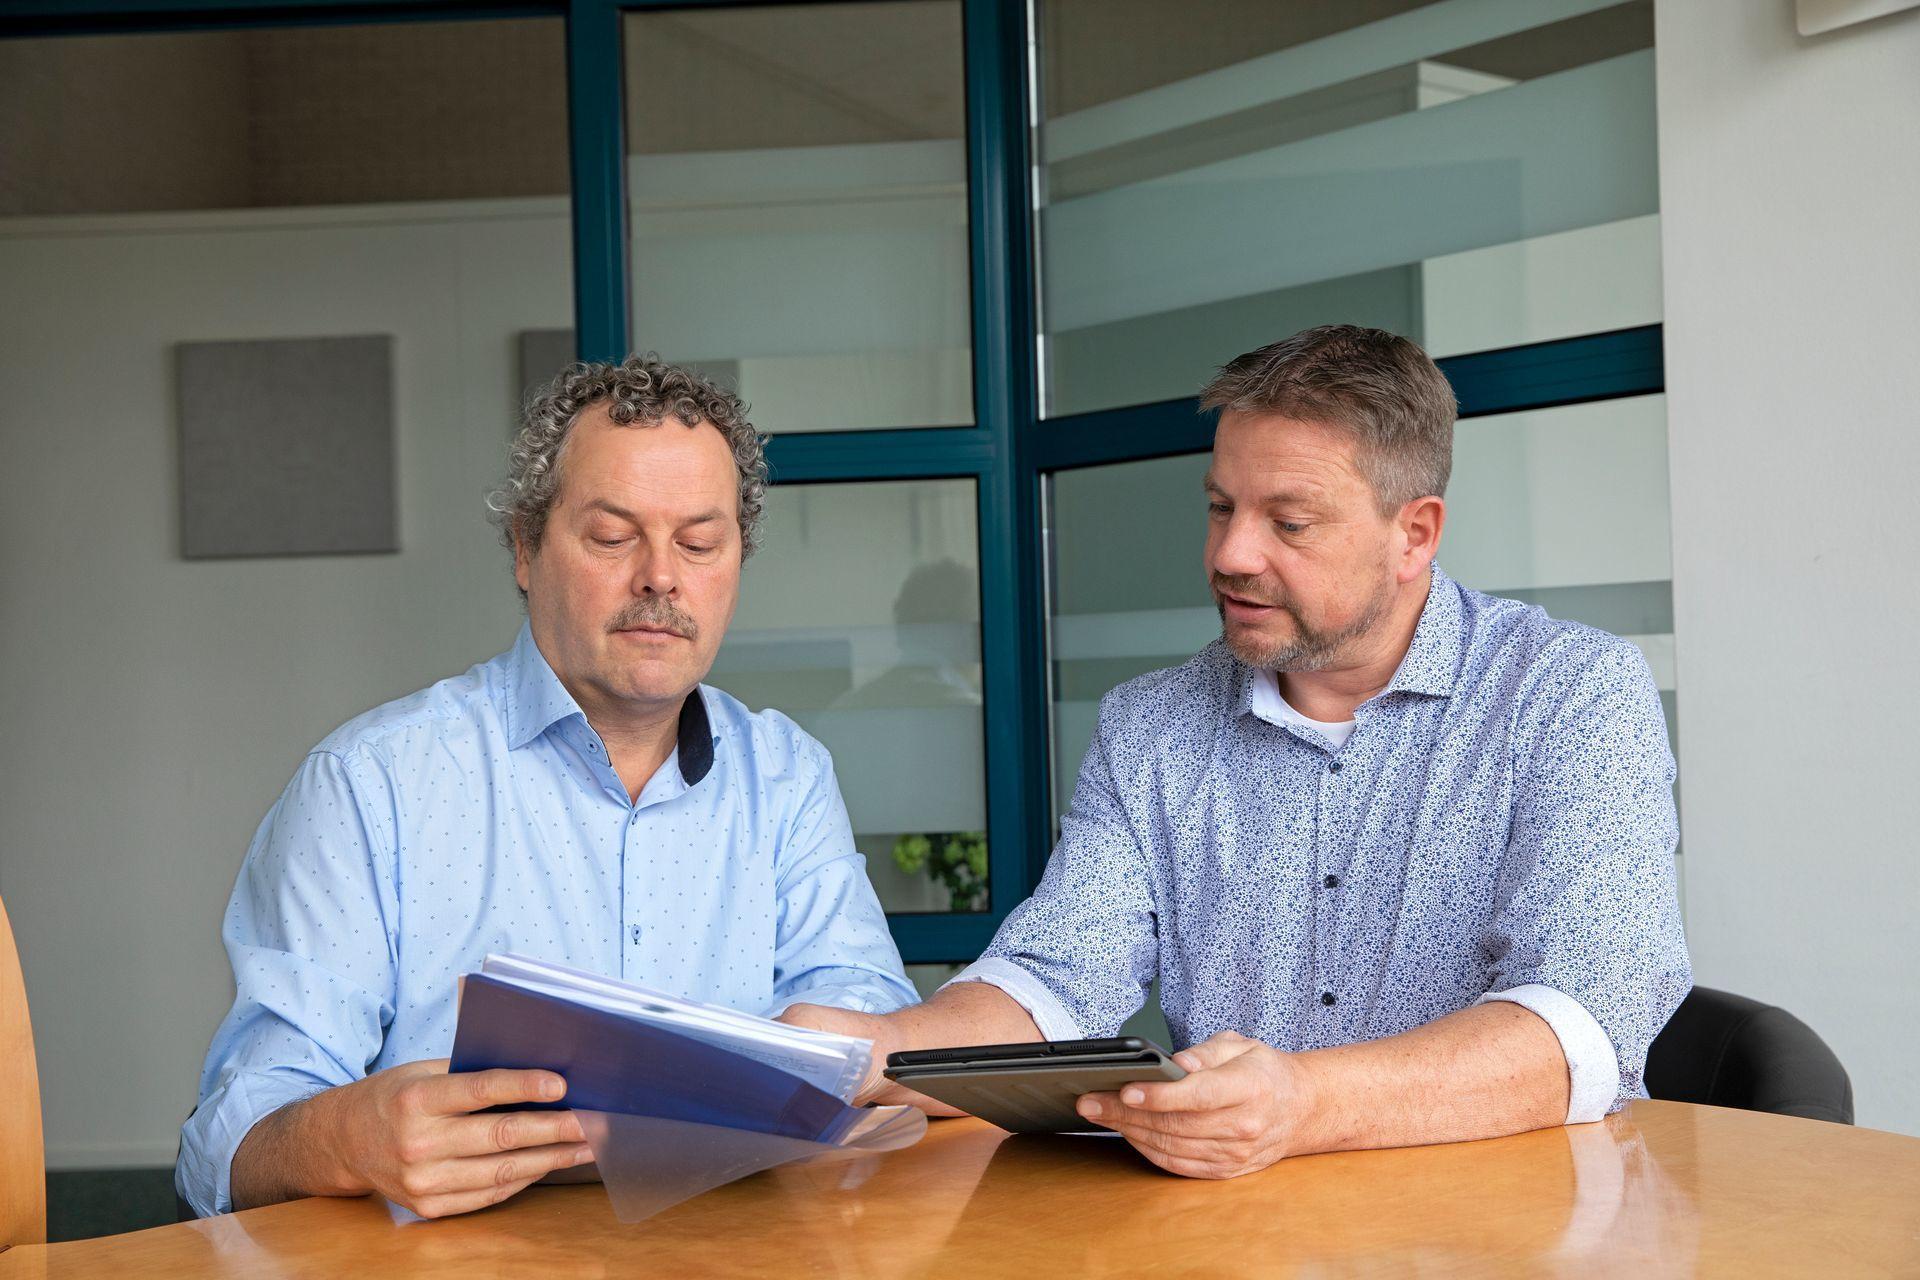 Administratiekantoor Hoogeveen: professionele ondersteuning